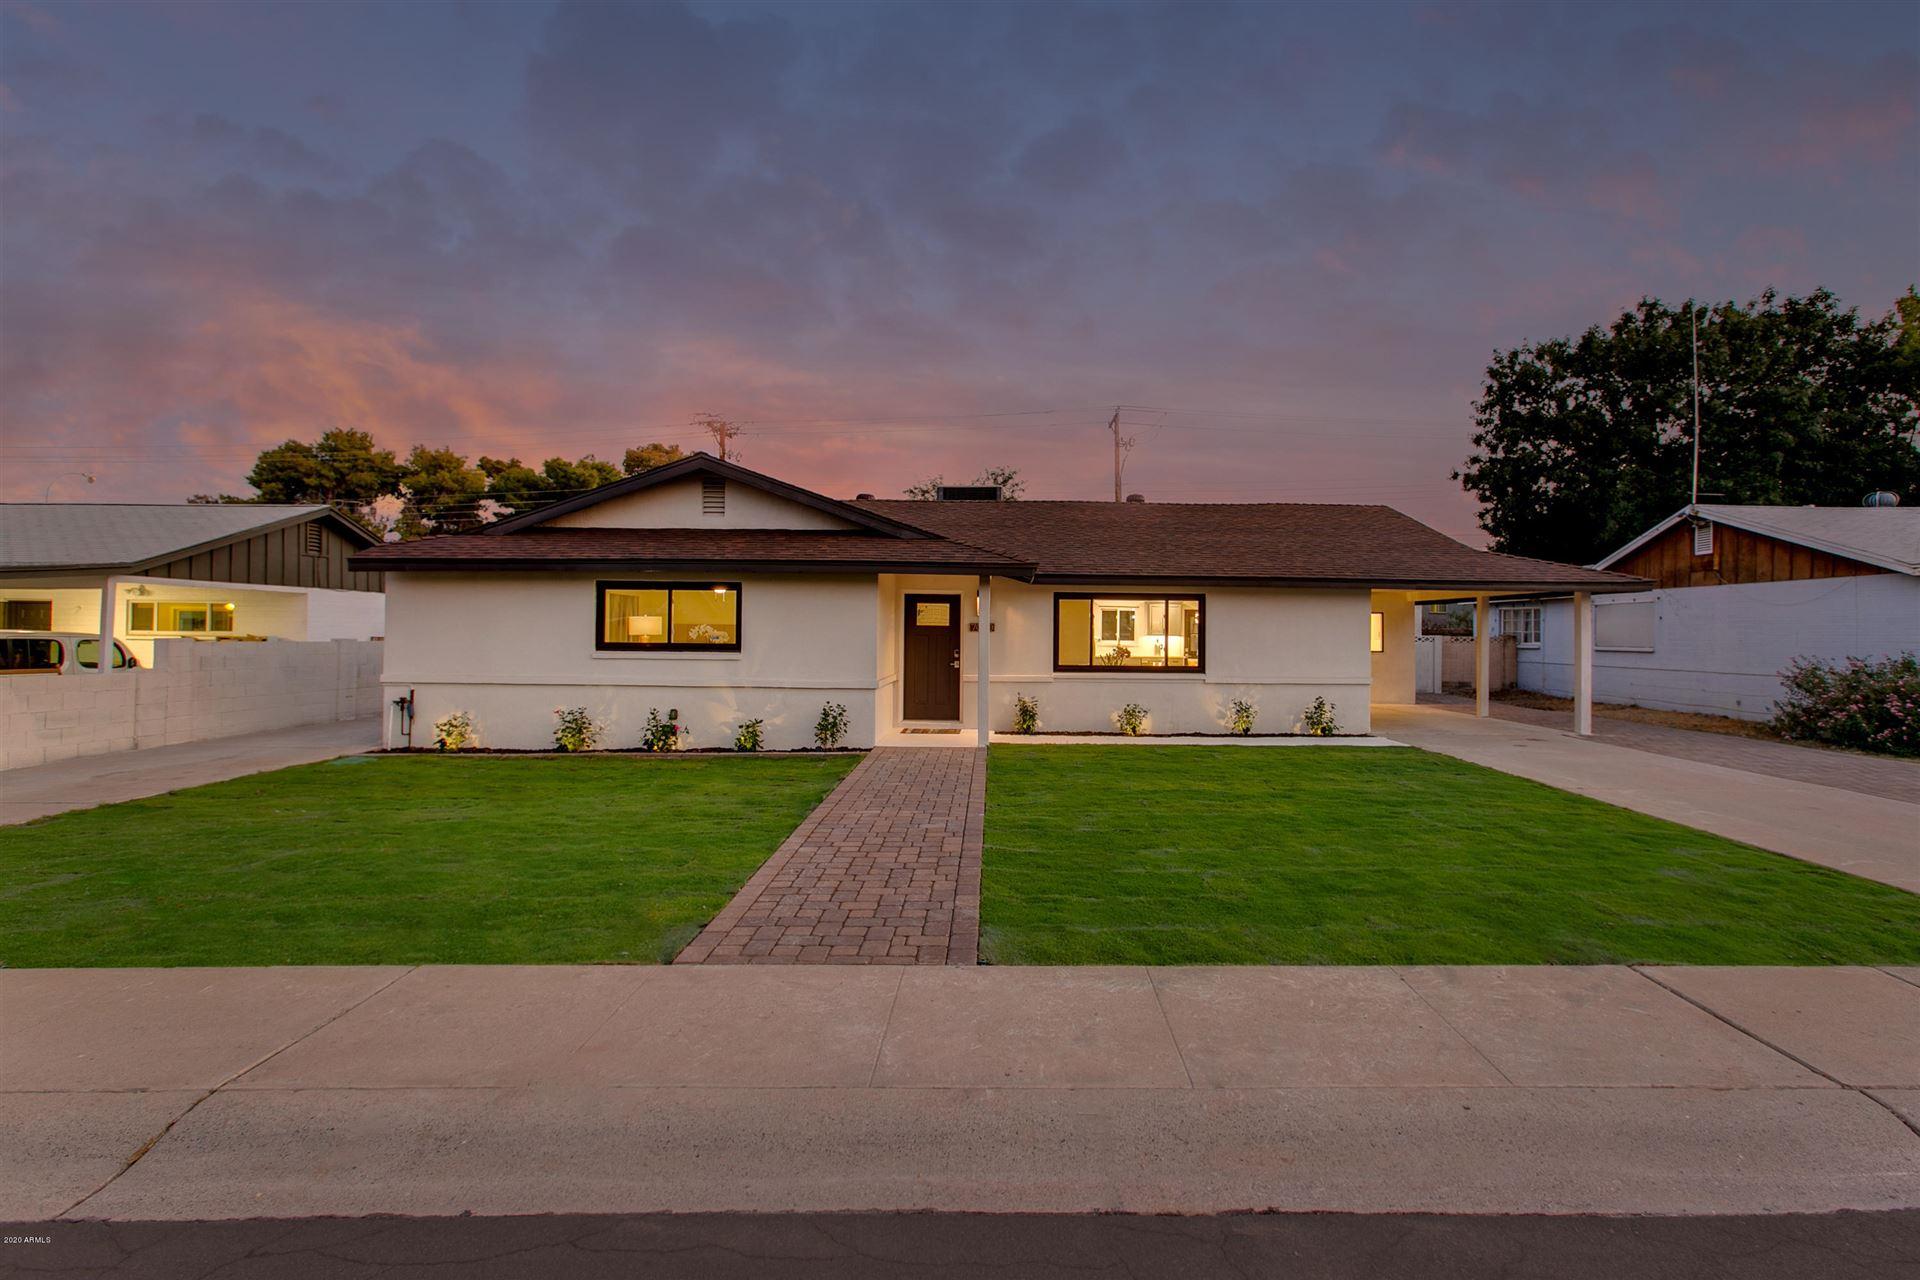 7049 E LATHAM Street, Scottsdale, AZ 85257 - MLS#: 6135253